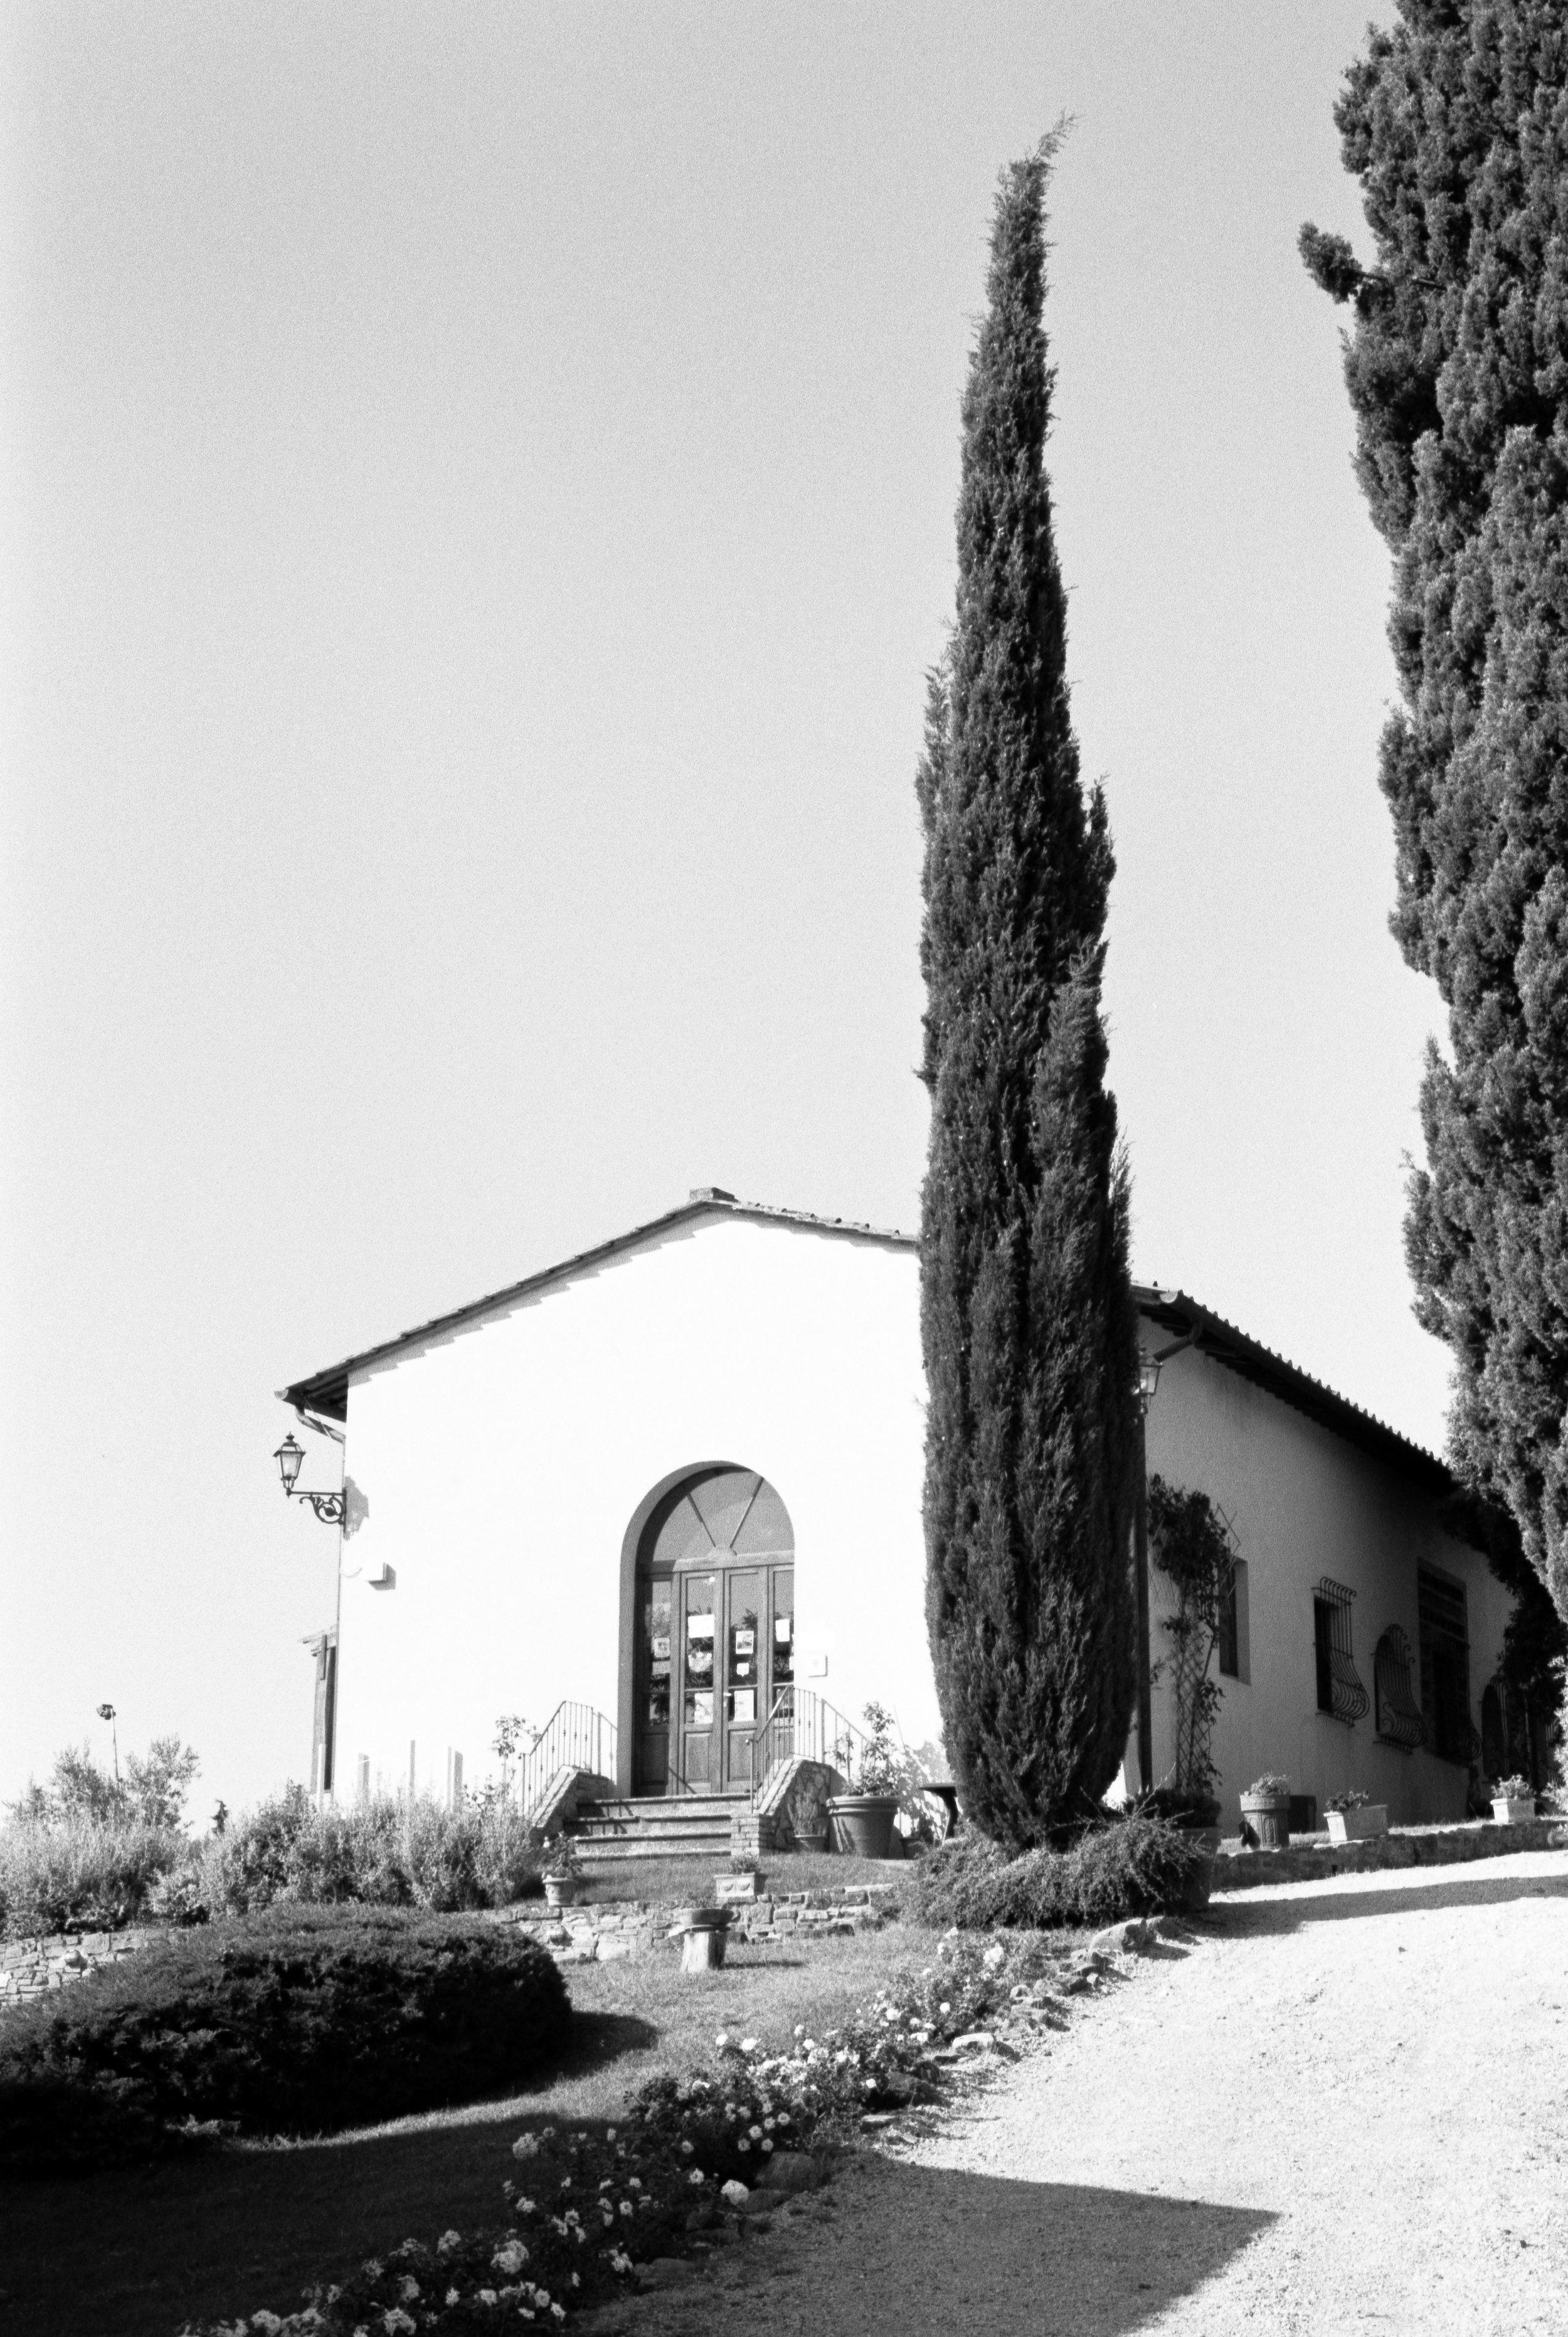 Scipione-Podere Moricci, Montaione. Italy. 2019.